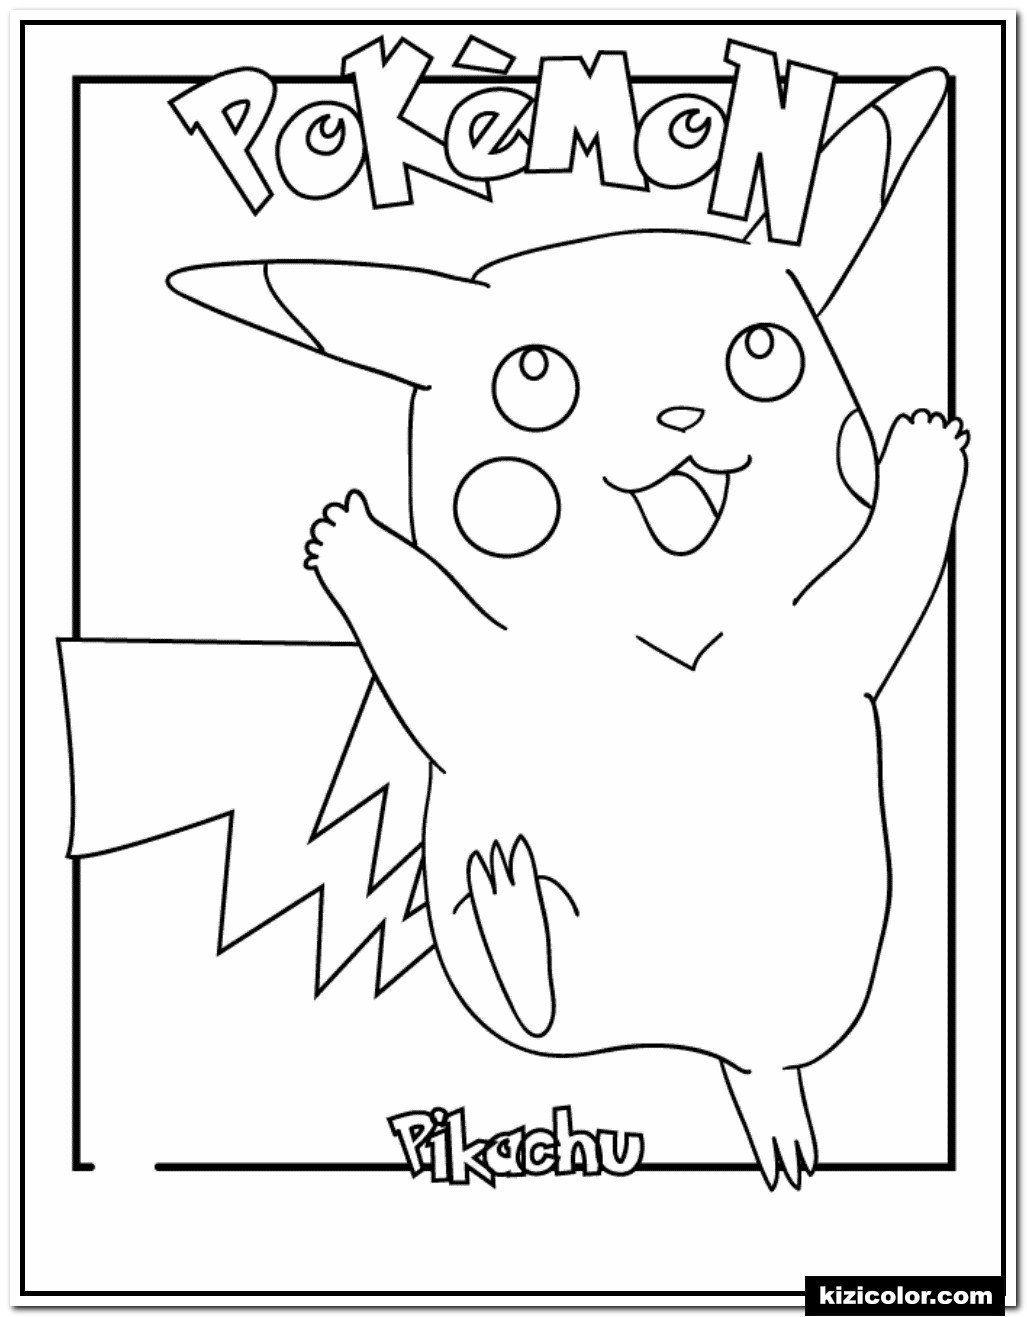 Coloring Pages For Kids Pokemon Dÿz Pokemon Pikachu Kizi Free 2020 Printable Coloring Pages Pokemon Coloring Pages Pokemon Coloring Coloring Pages